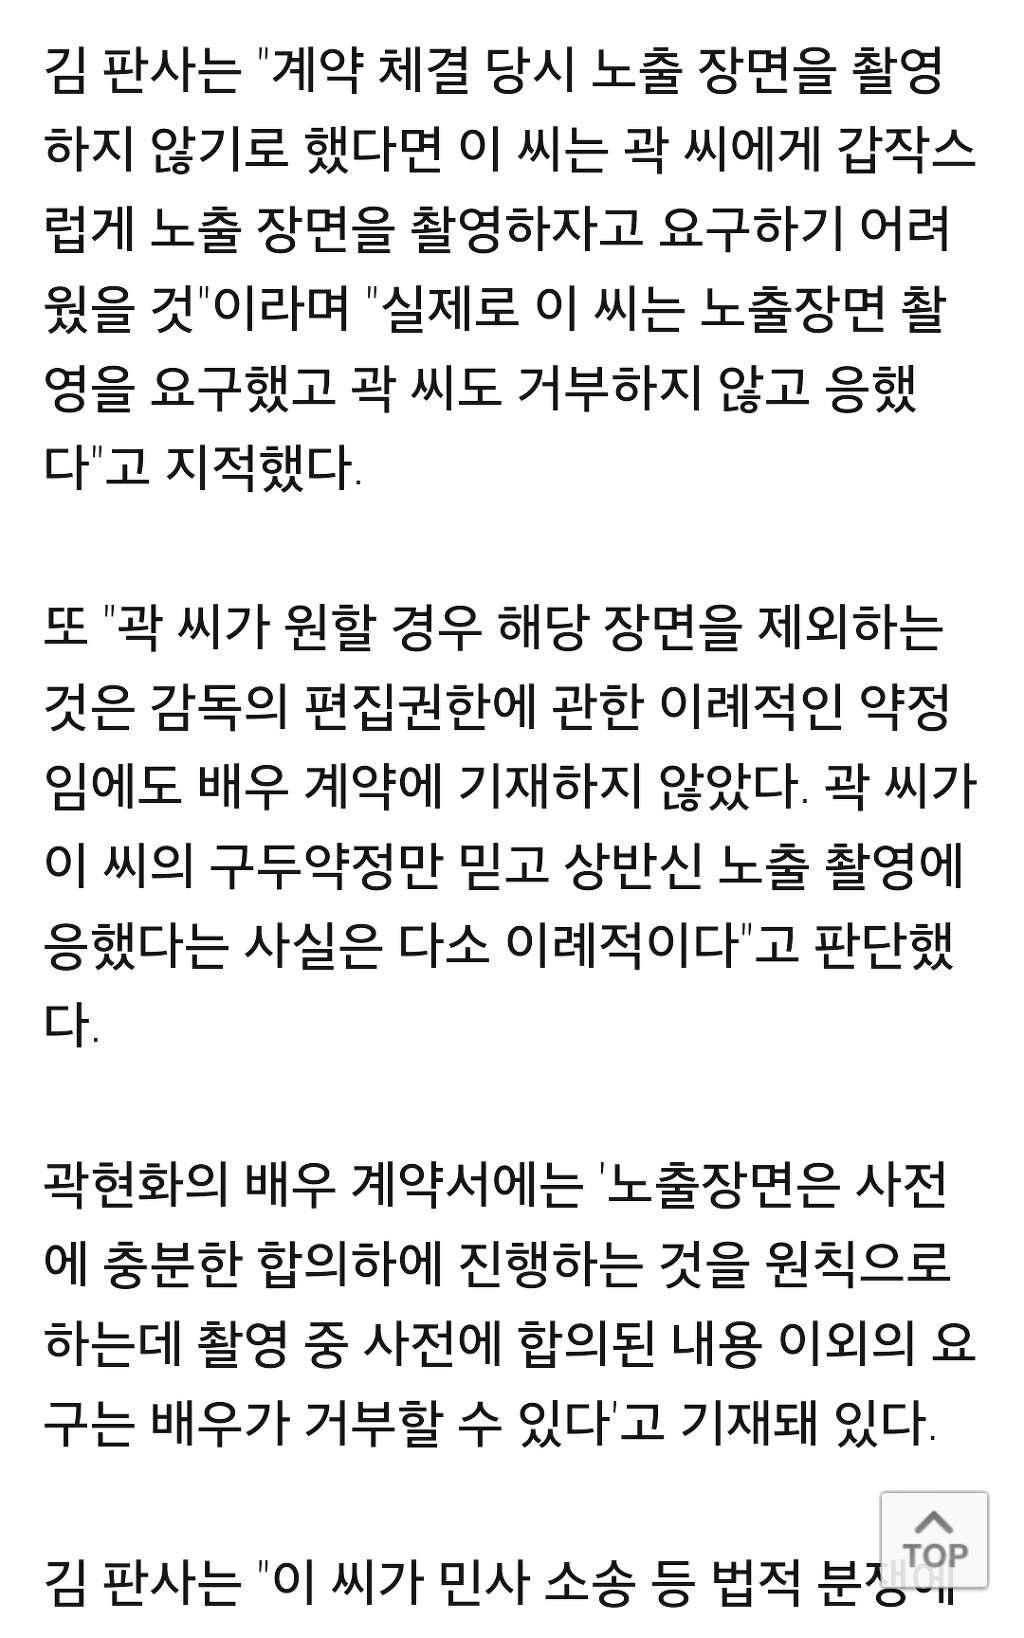 곽현화 노출씬 배포한 감독 무죄인이유.jpg